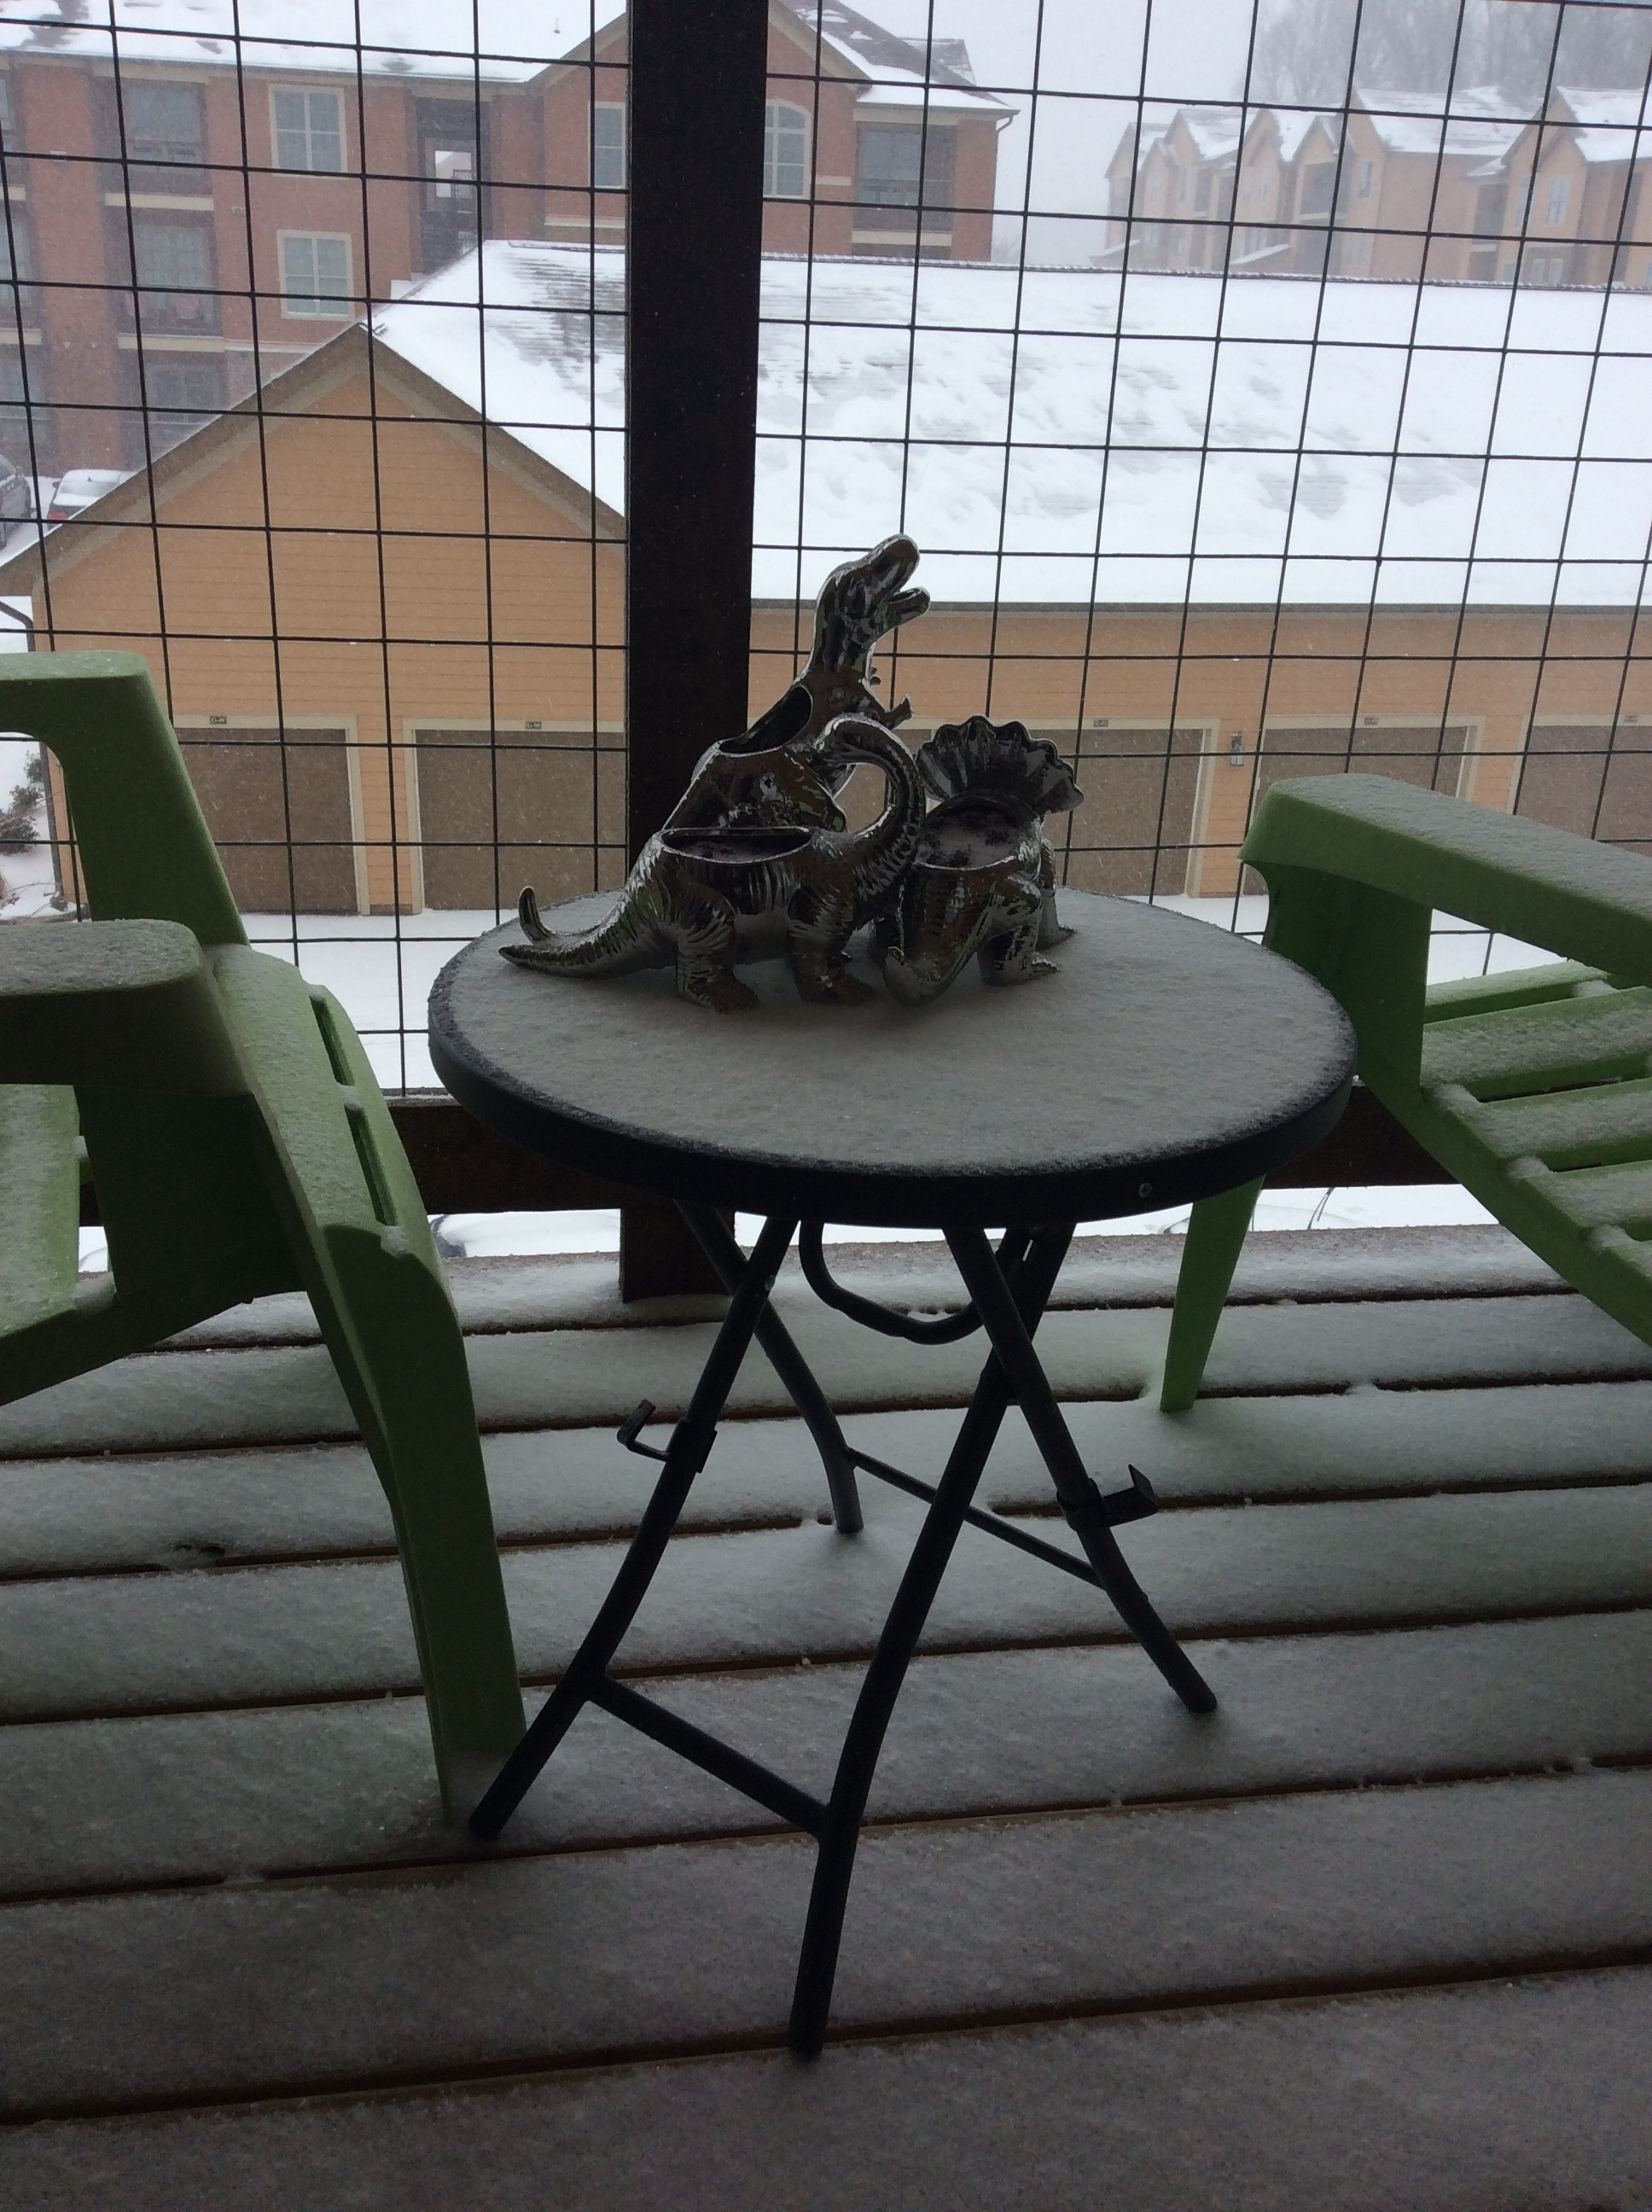 Snow: Jan. 18, 2018, Owensboro, Kentucky, United States